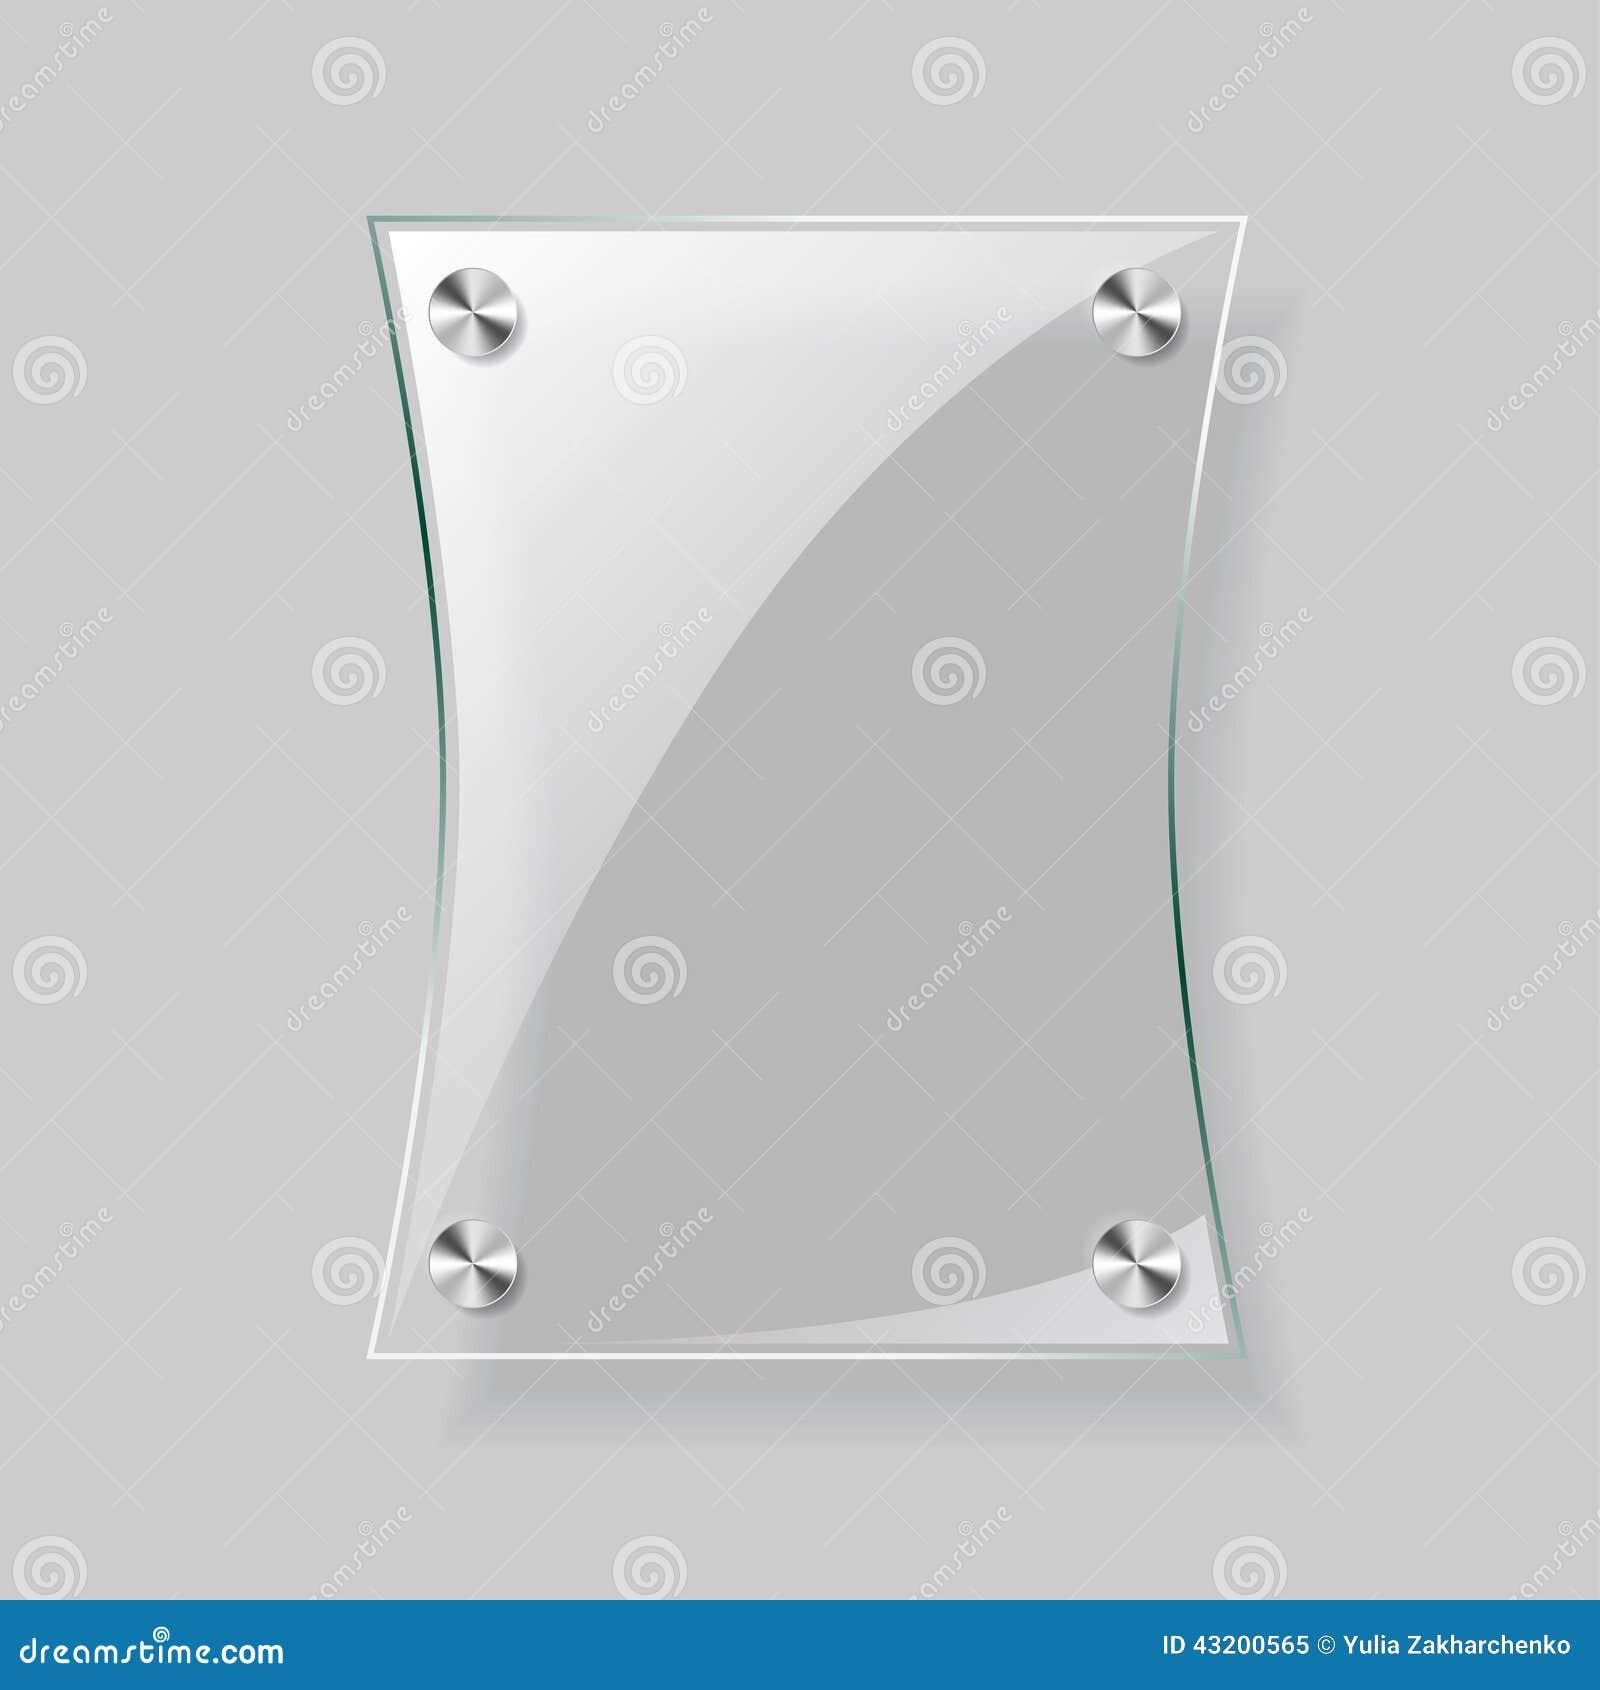 Download Glass rektangelnivå vektor illustrationer. Illustration av utställning - 43200565